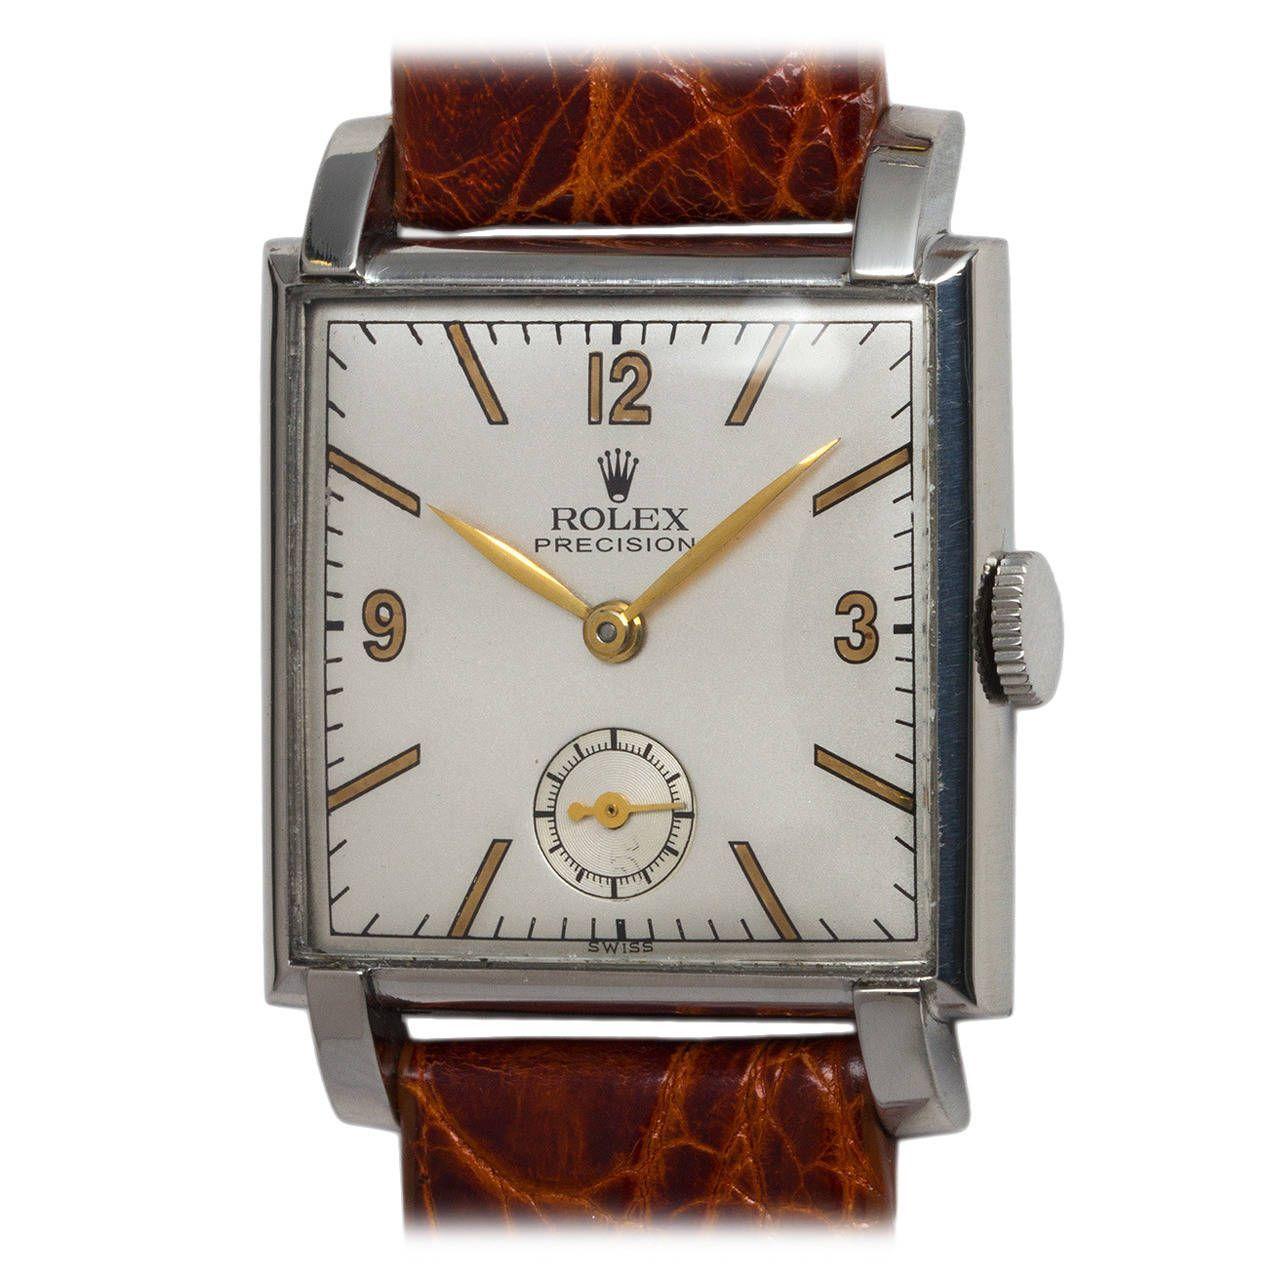 Pin Von Leopoldo Tringler Auf Watches Luxus Uhren Uhren Uhren Herren